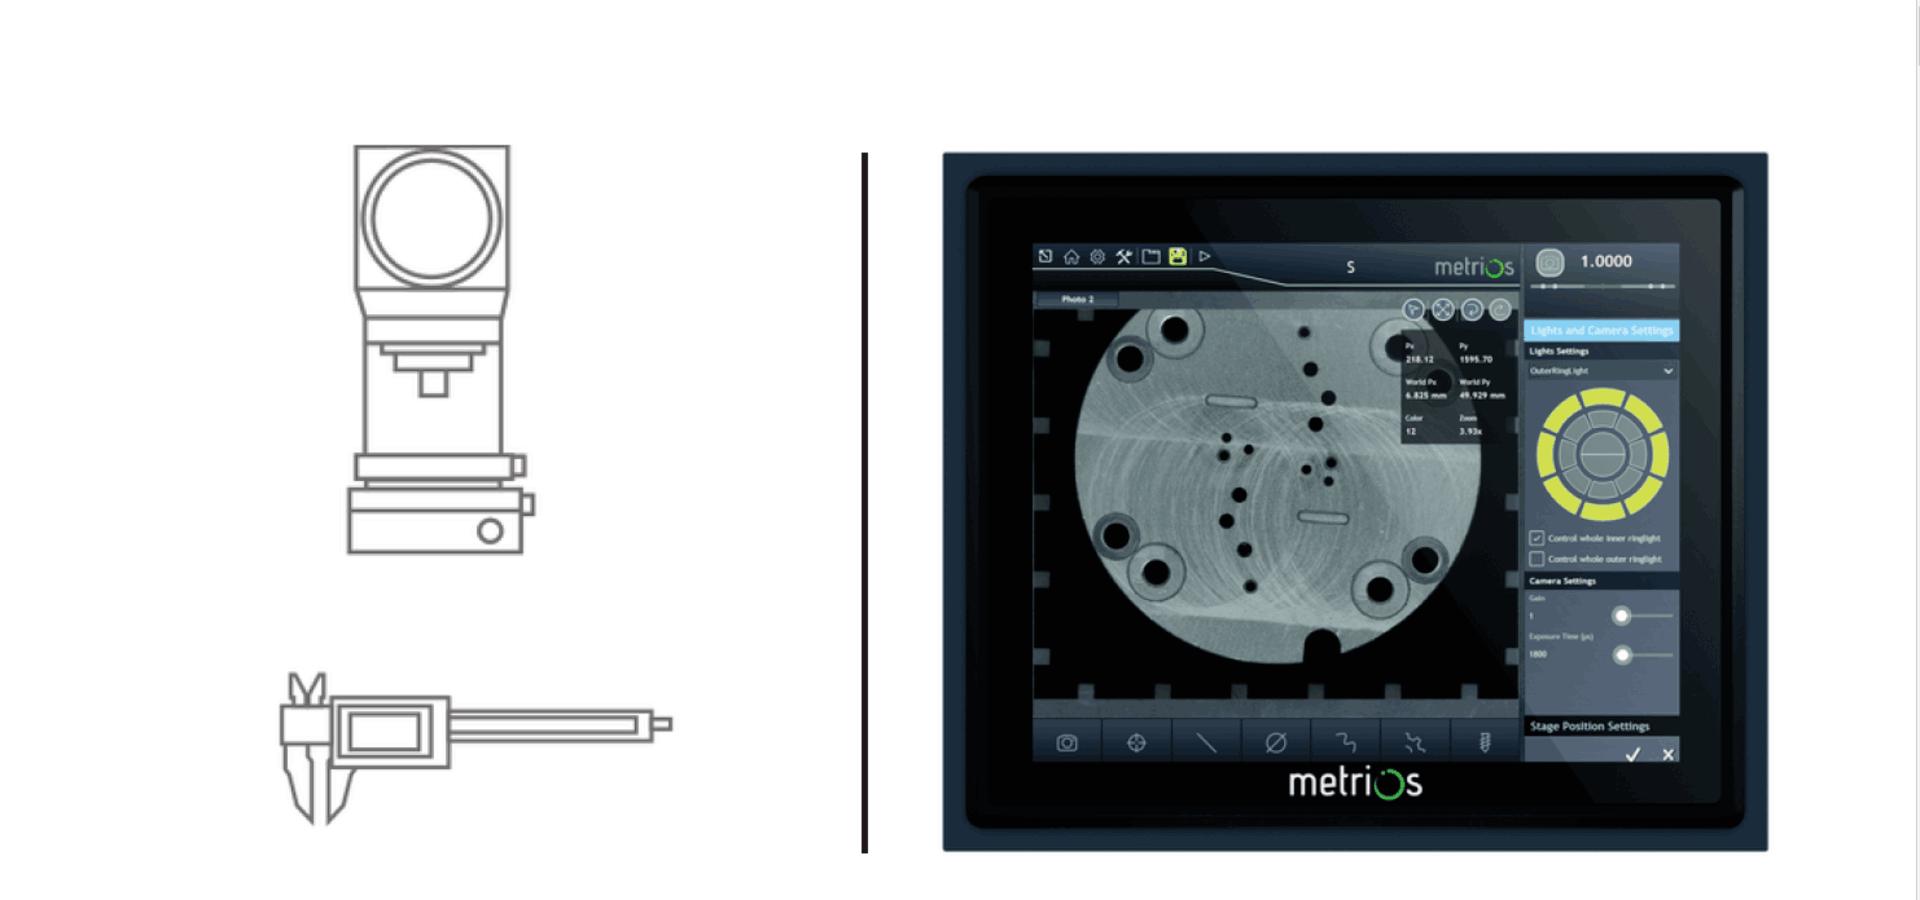 metrios it sistemi-tradizionali-e-macchine-ottiche-a-confronto 003